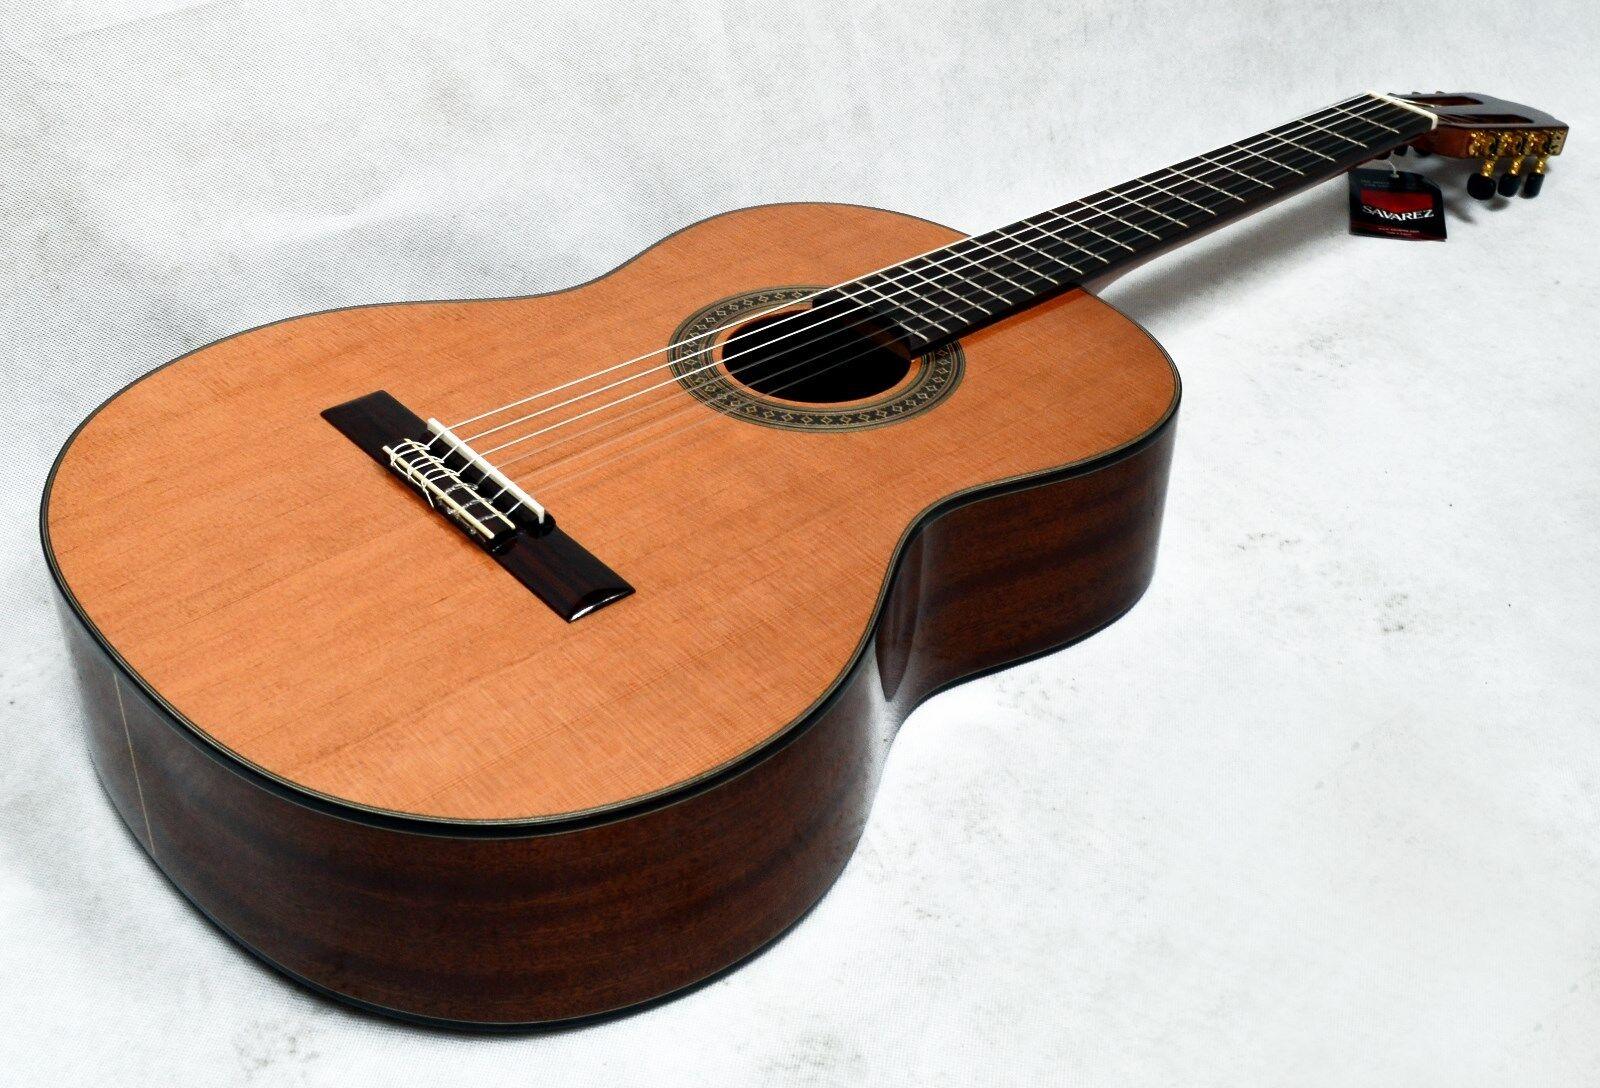 Guitarra, 4 4 concierto guitarra-masivamente-manta cedro, zarge zarge zarge caoba, noble, smg100 1cefdc